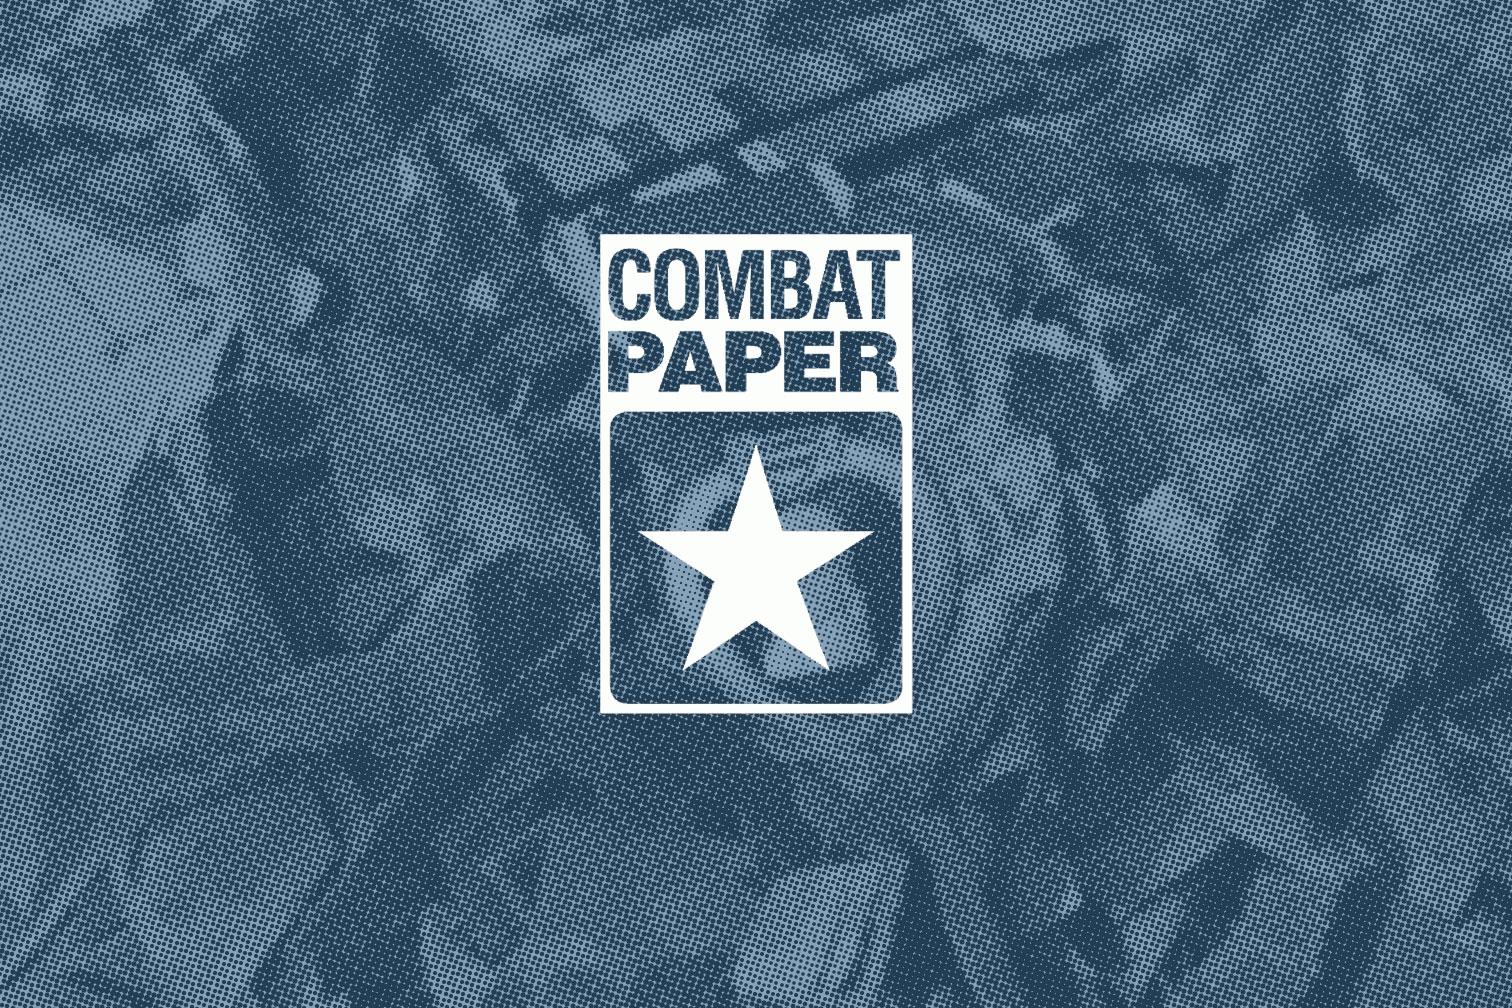 Combat Paper